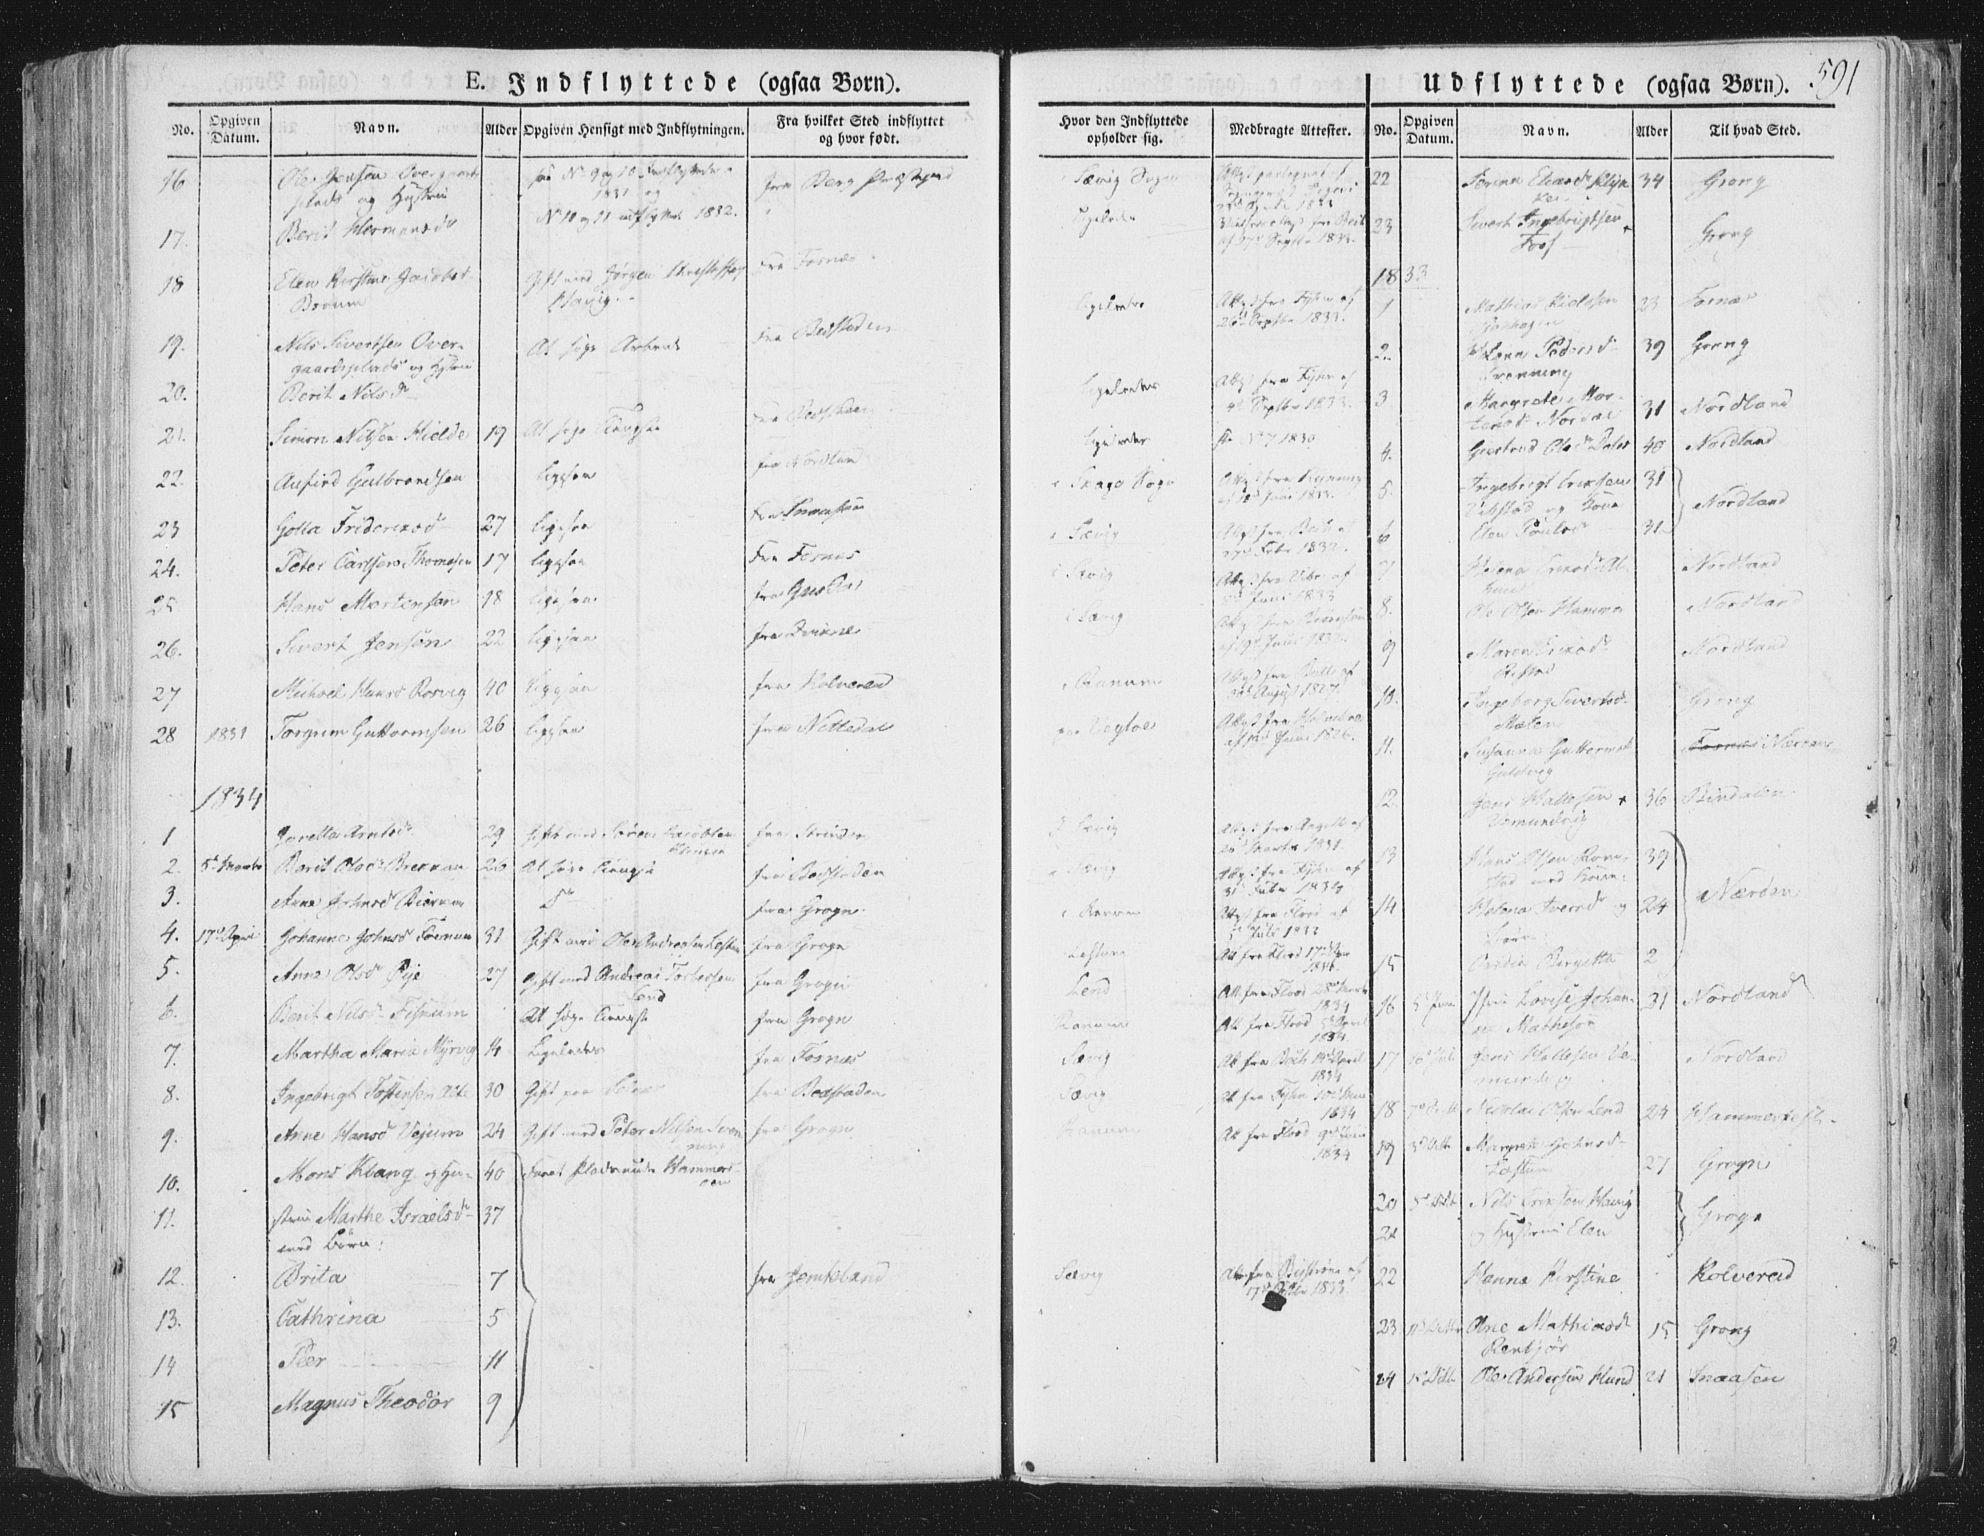 SAT, Ministerialprotokoller, klokkerbøker og fødselsregistre - Nord-Trøndelag, 764/L0552: Ministerialbok nr. 764A07b, 1824-1865, s. 591